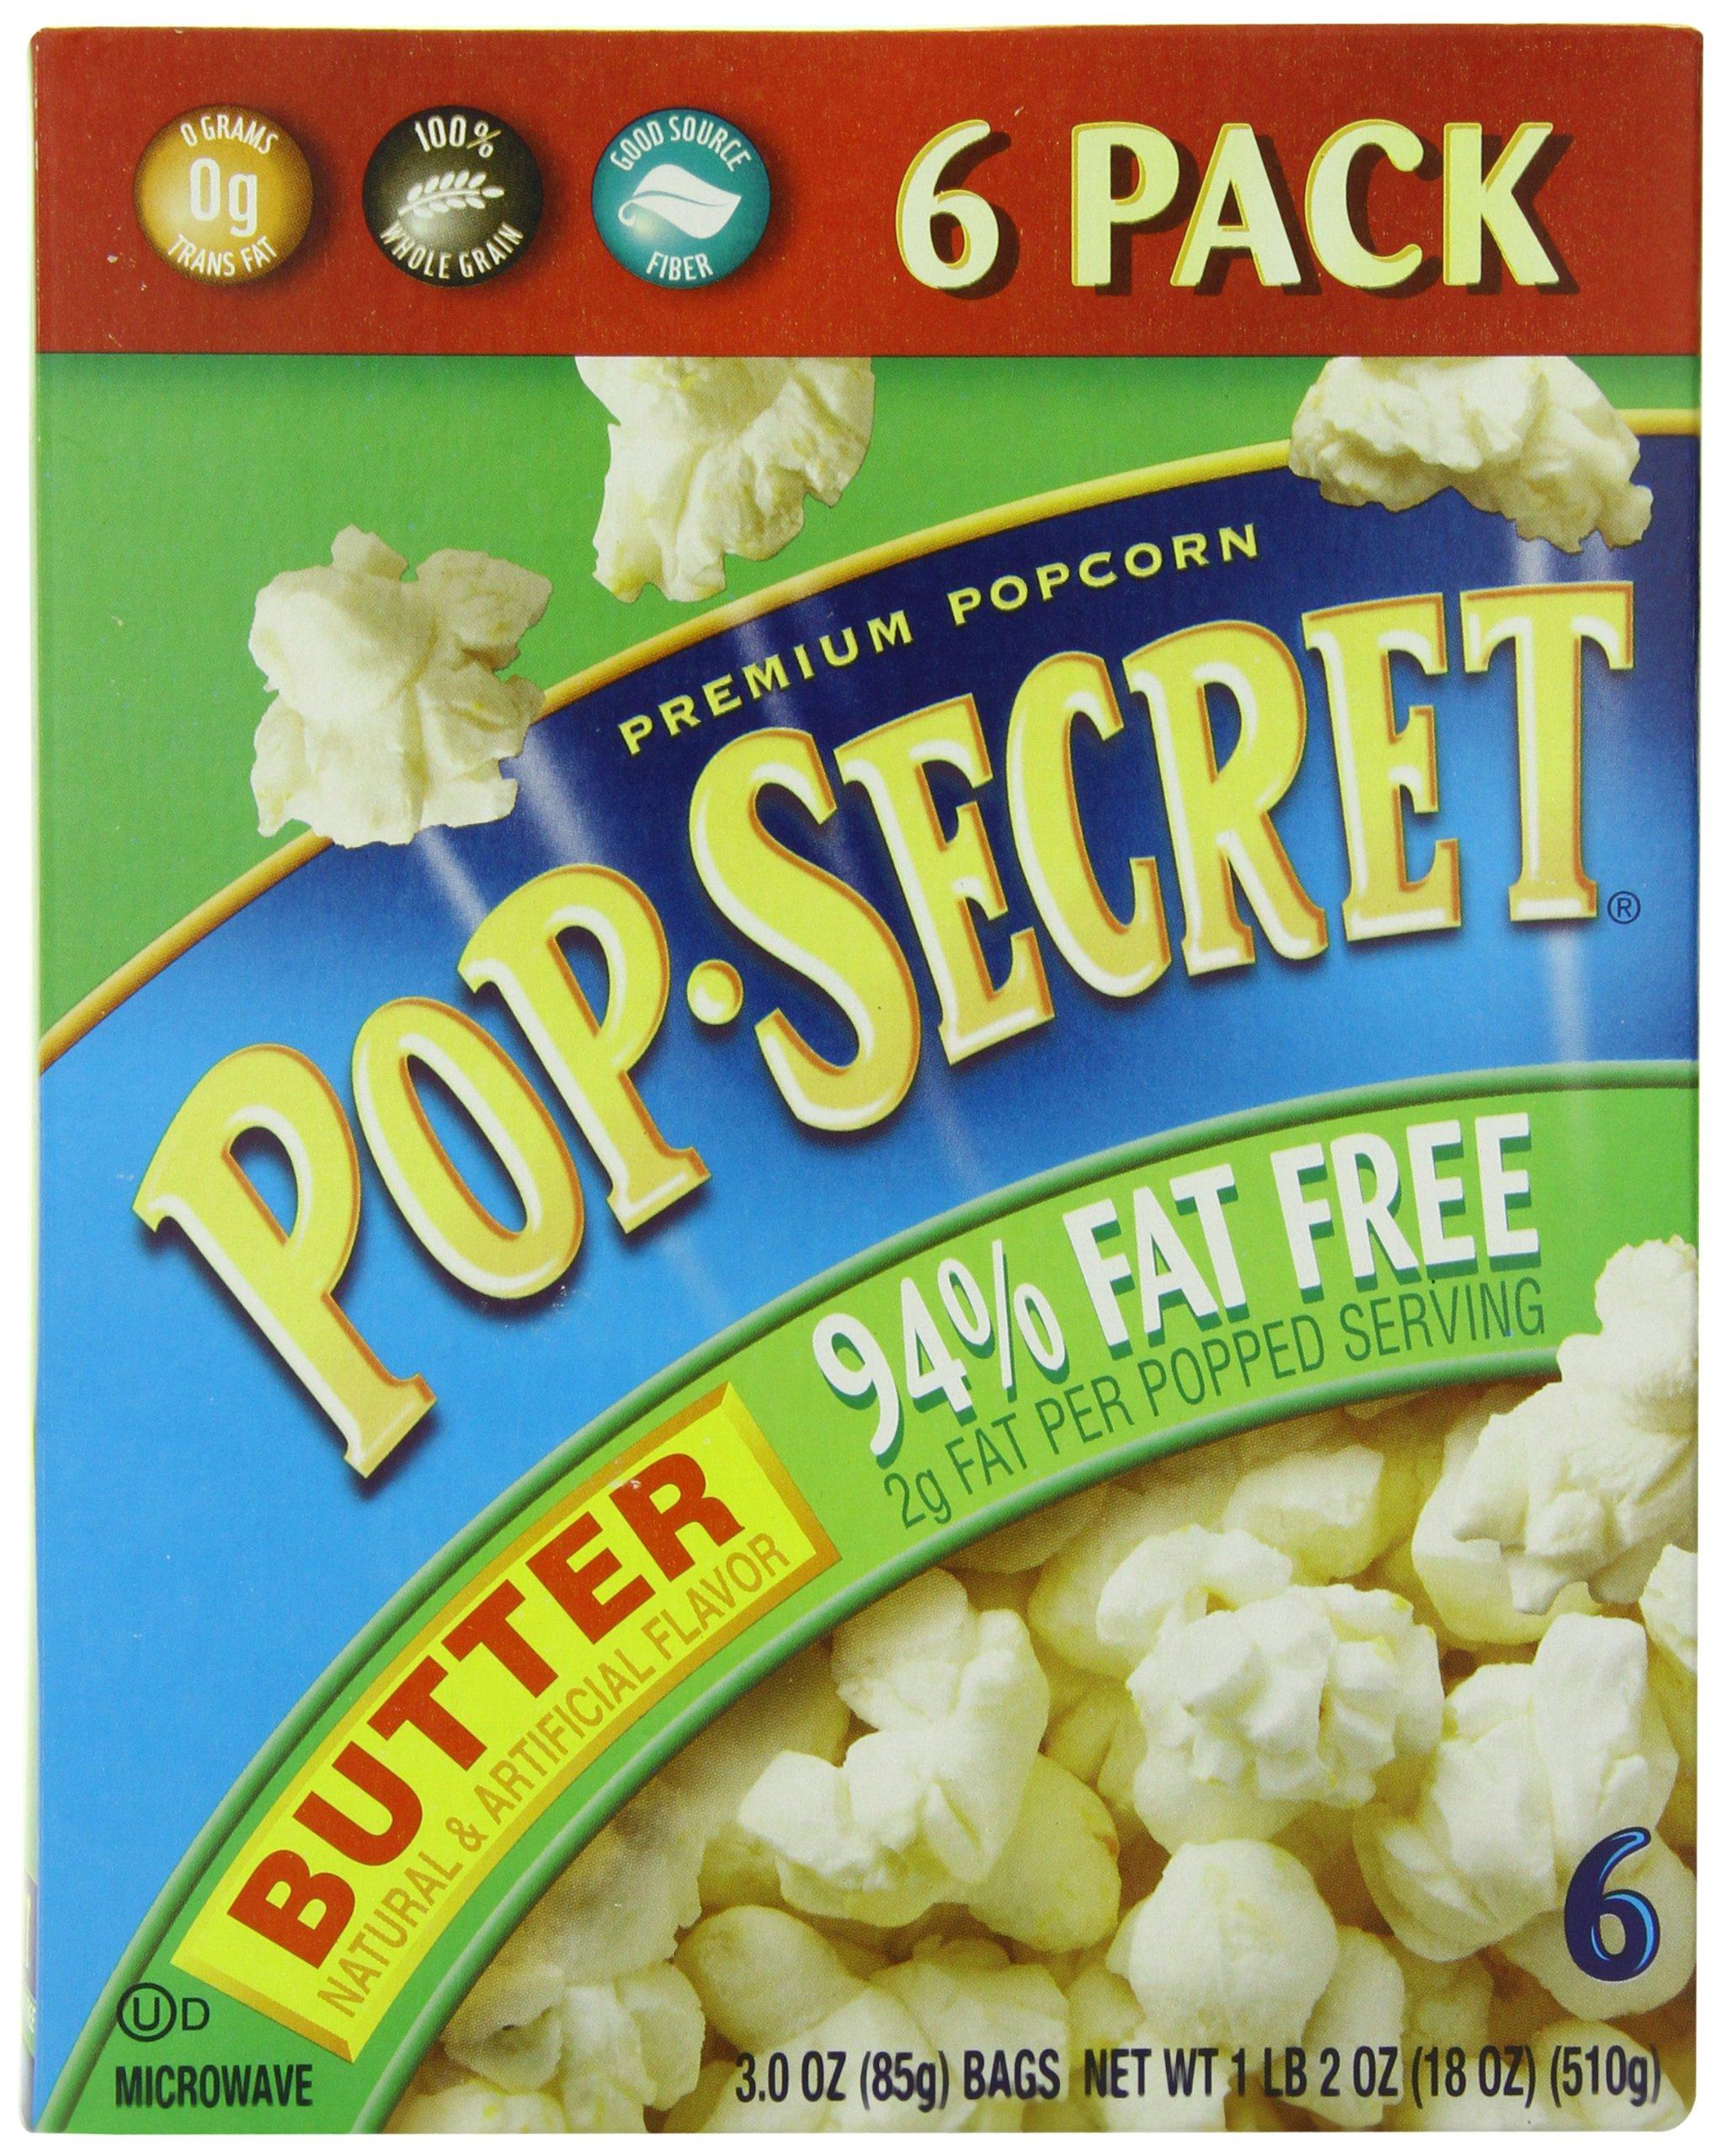 Pop Secret 94% Fat Free Butter Popcorn, 3.0 oz. Bags, 6 Count